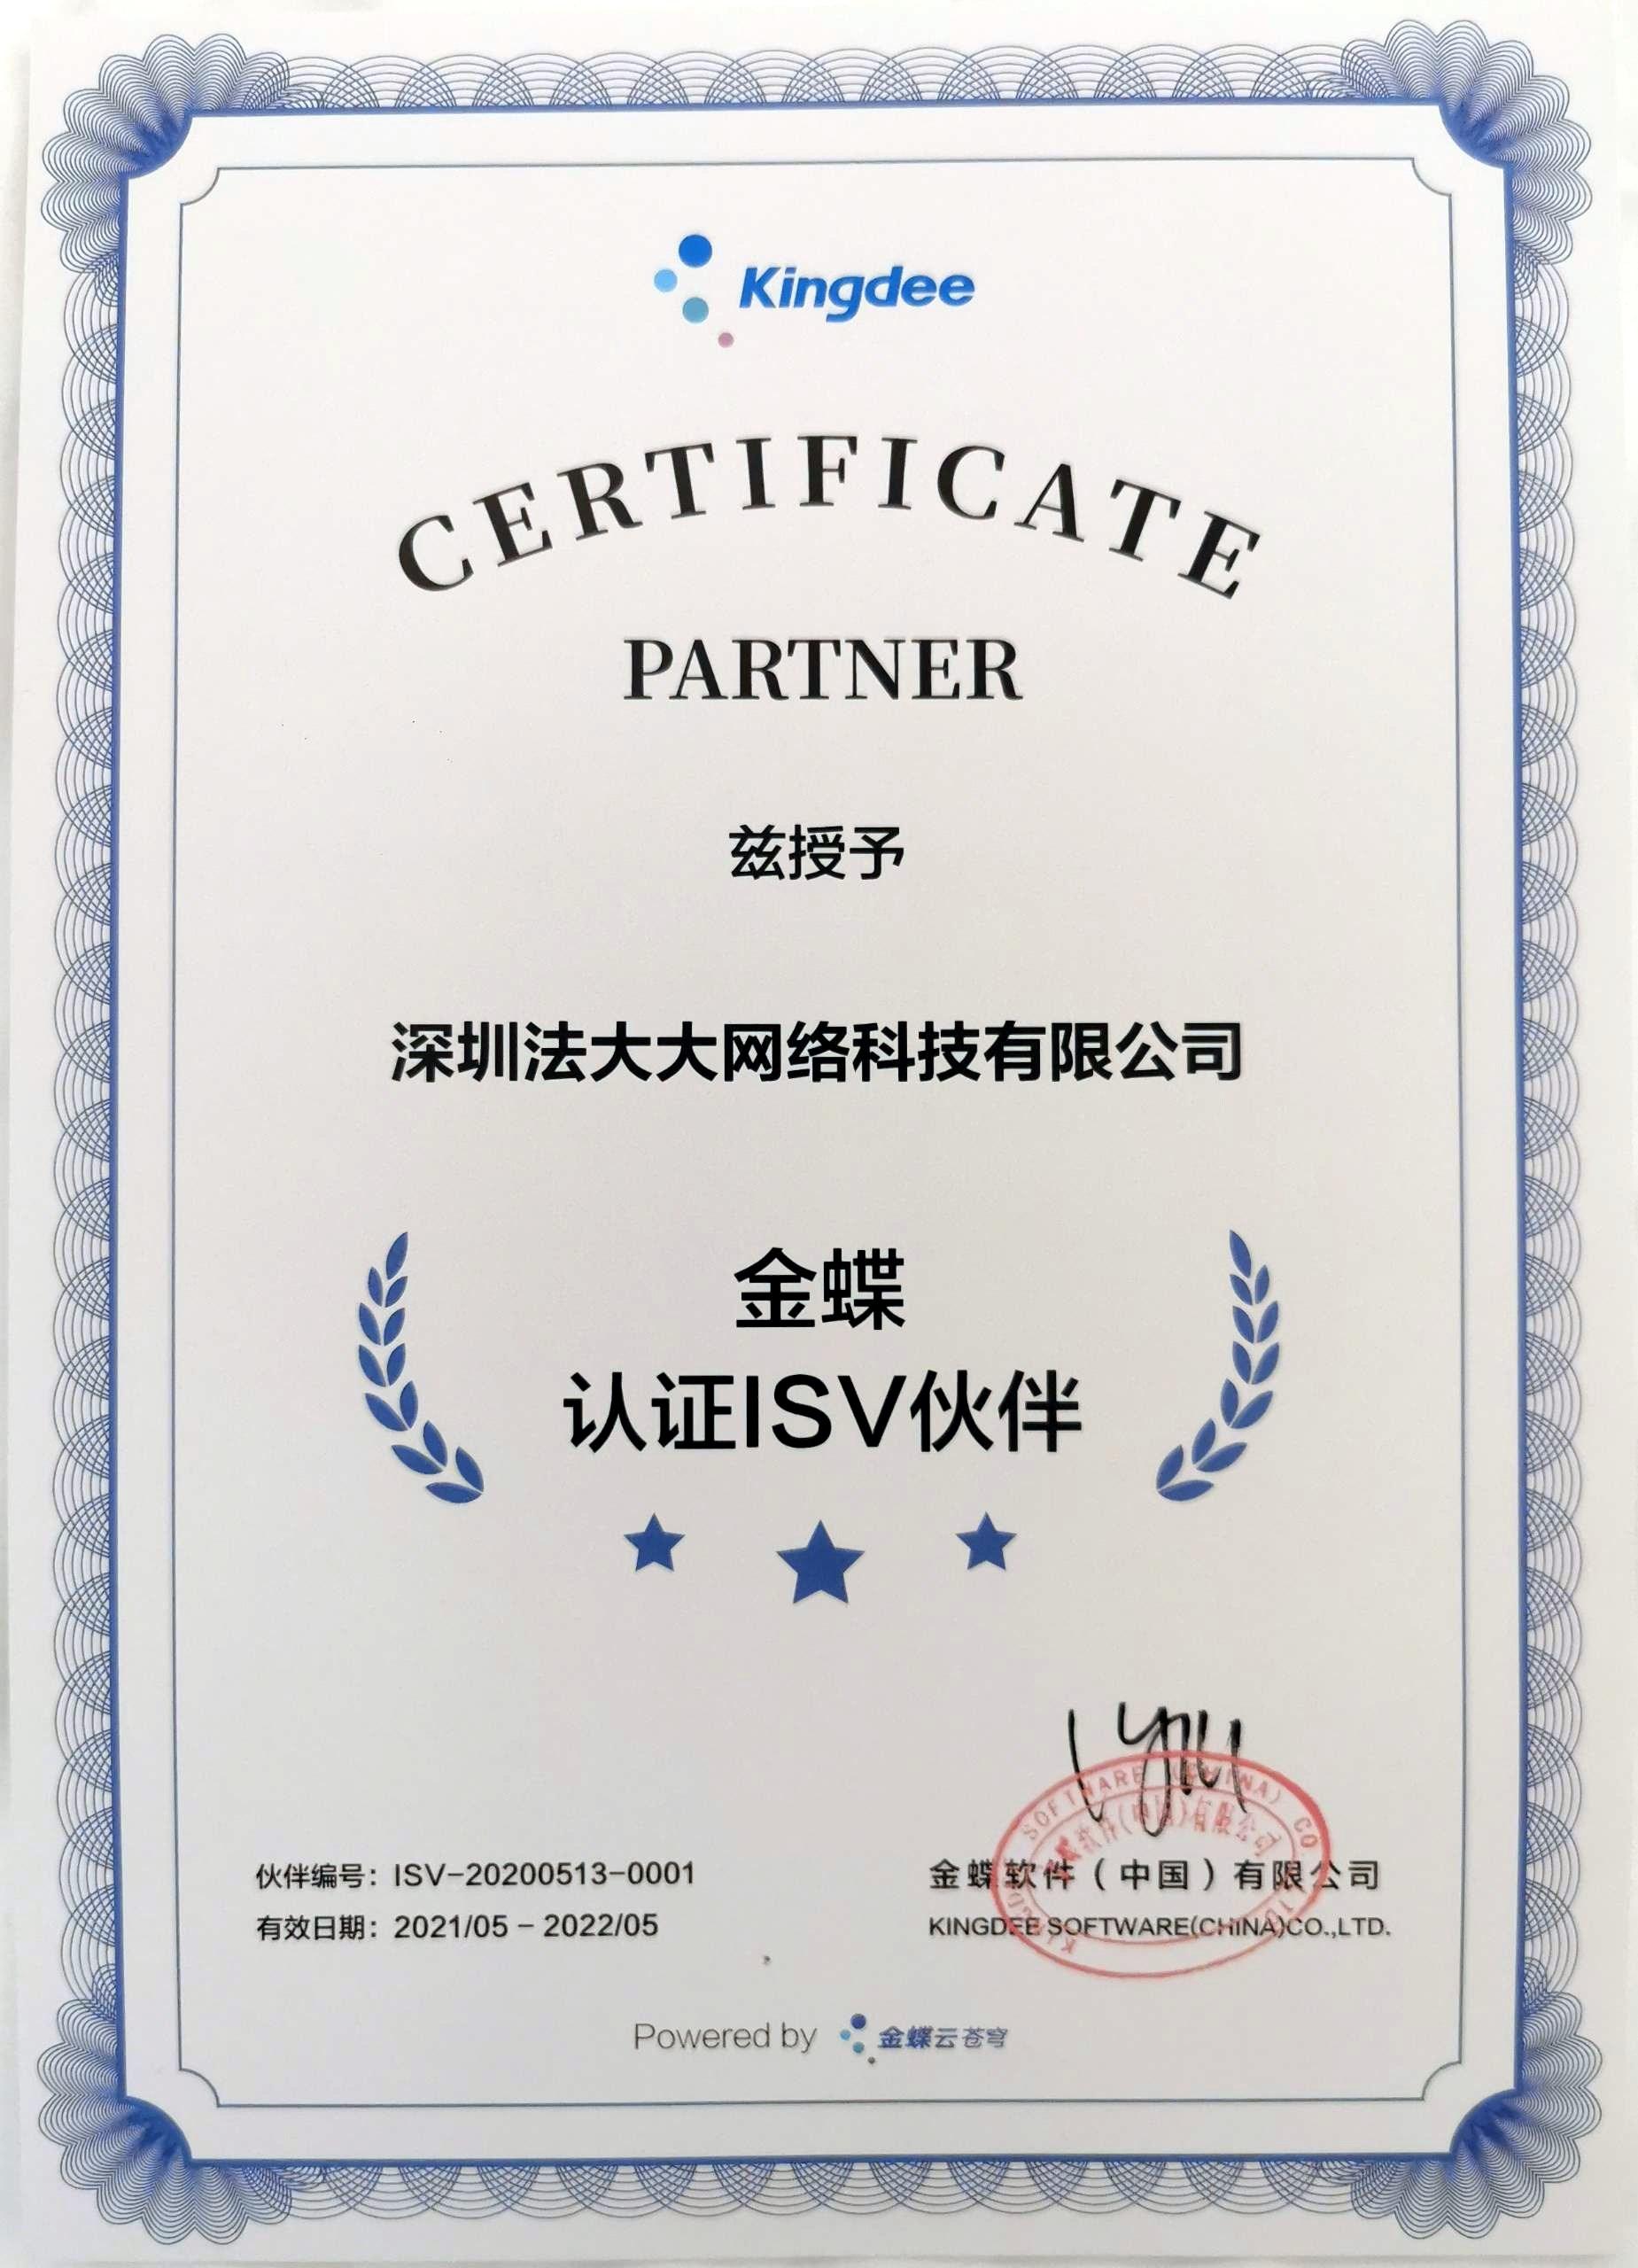 法大大获金蝶认证ISV伙伴